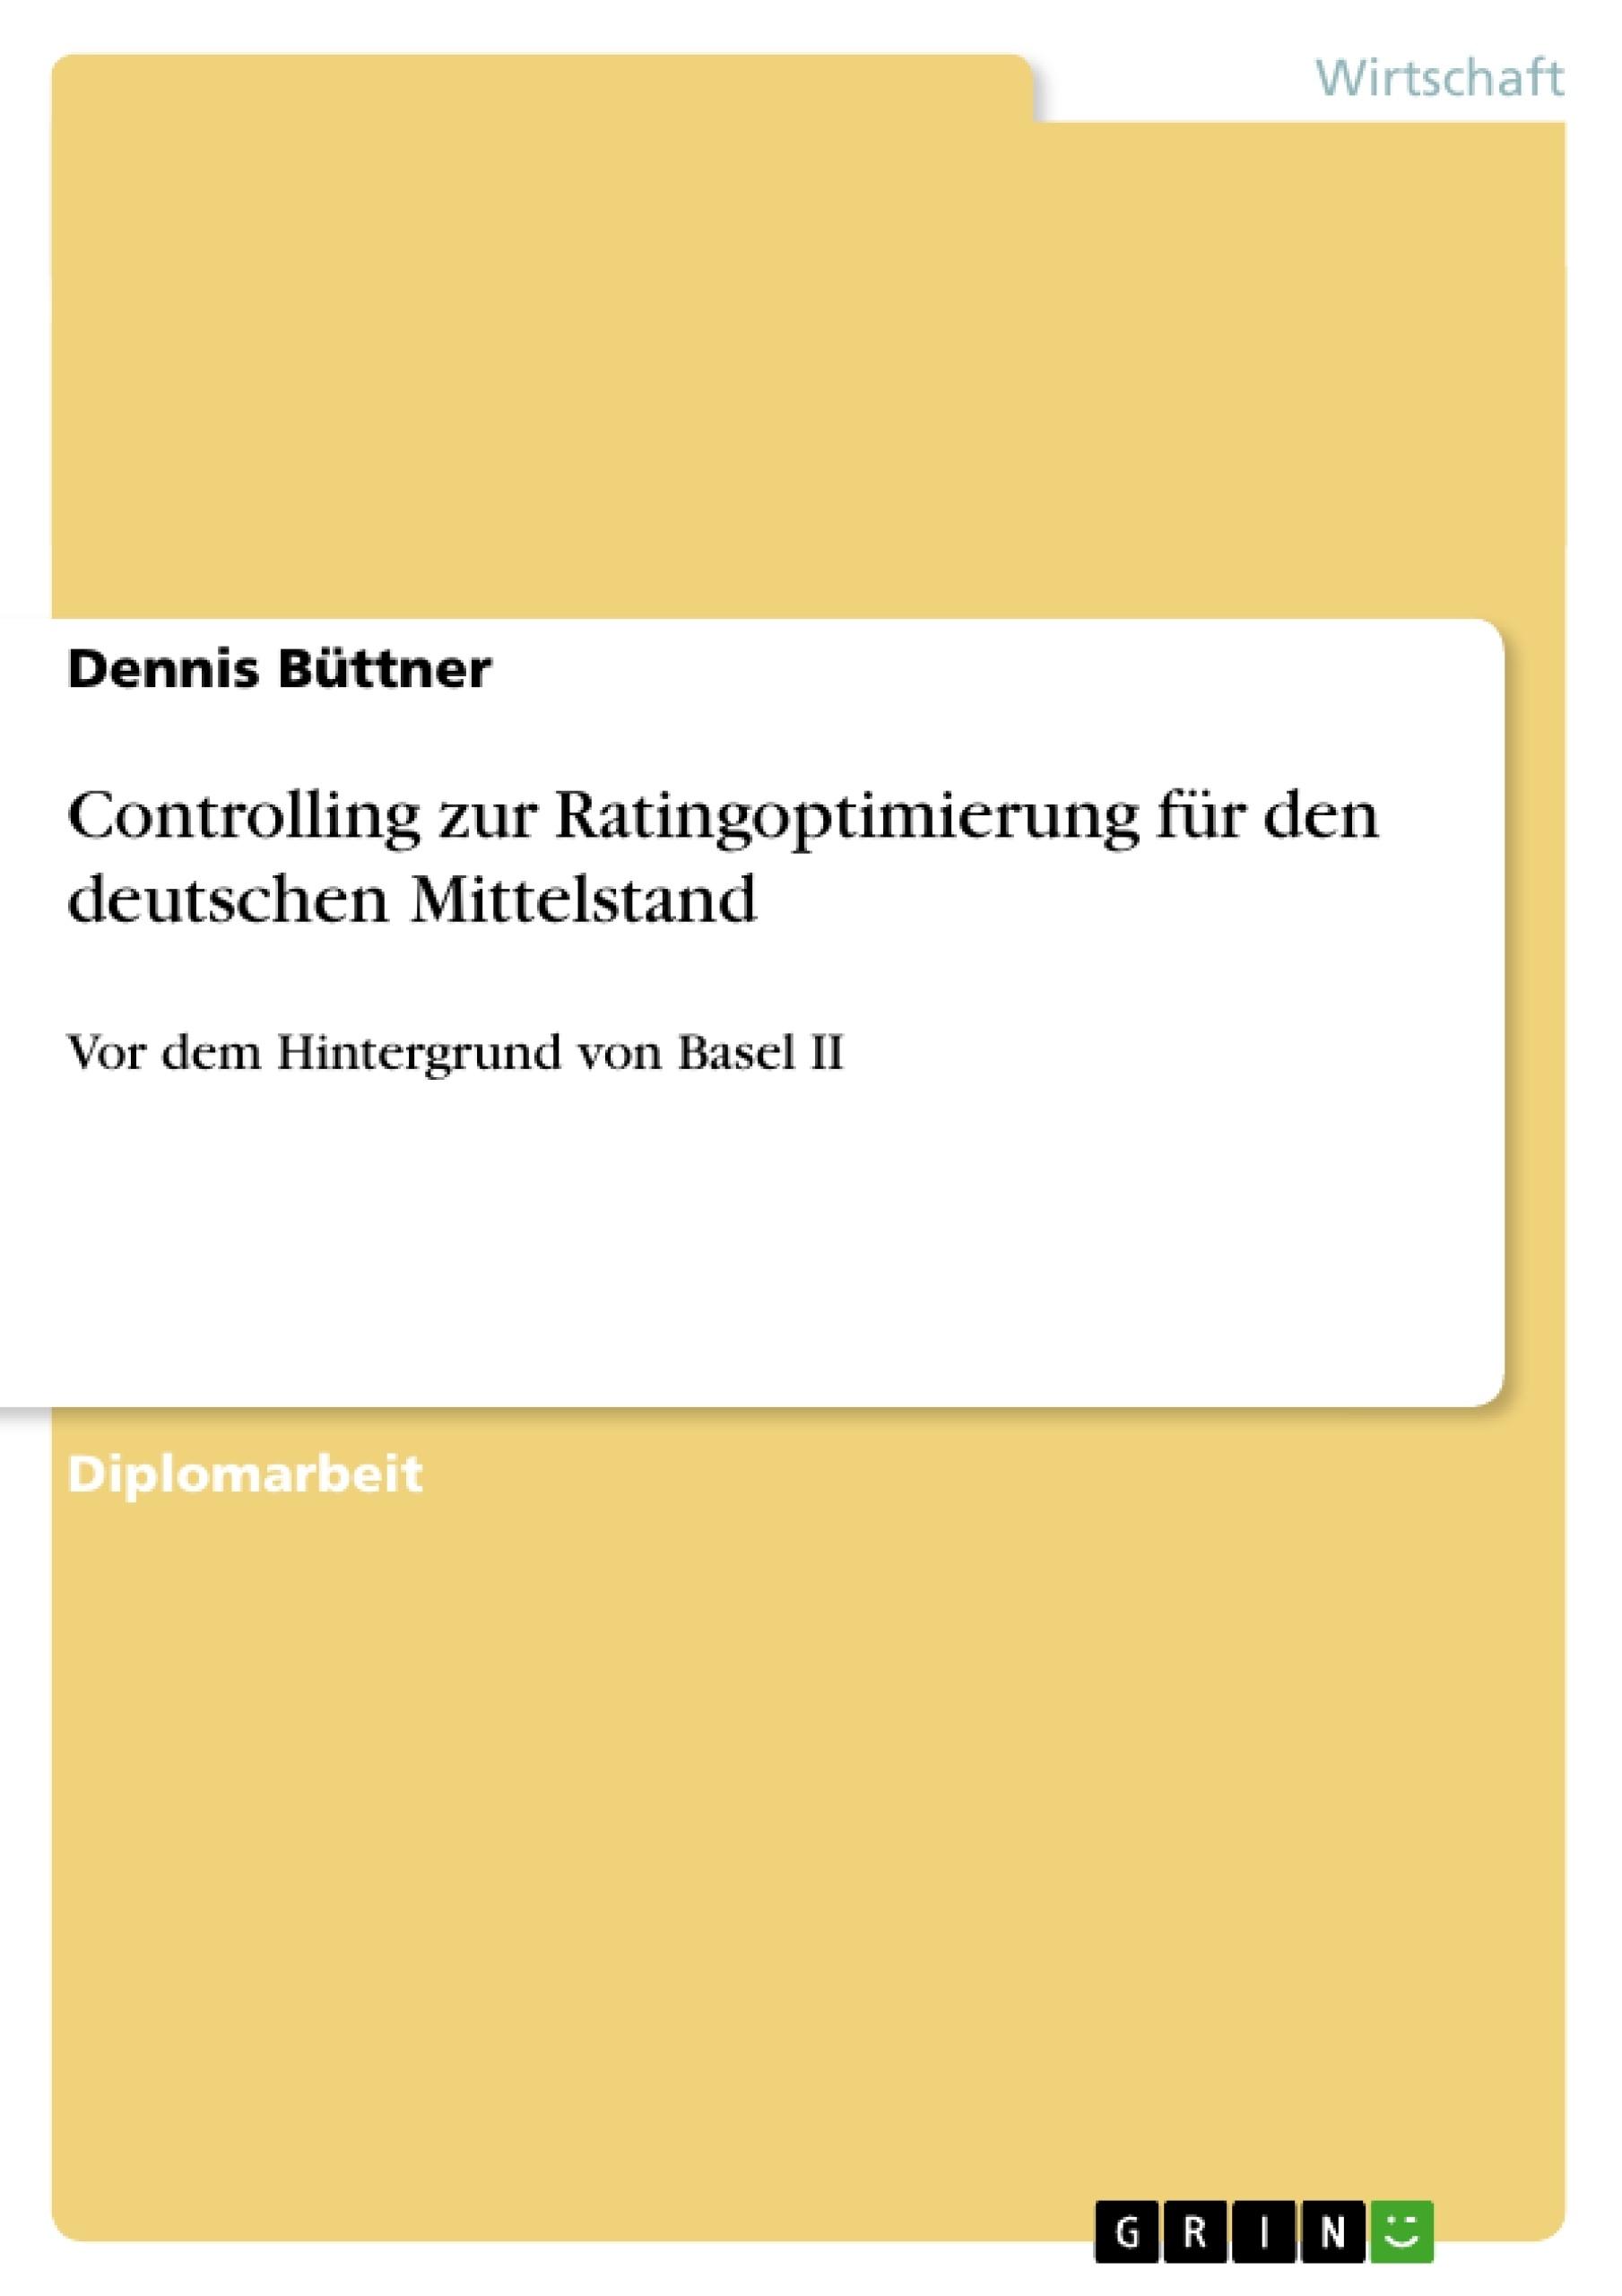 Titel: Controlling zur Ratingoptimierung für den deutschen Mittelstand